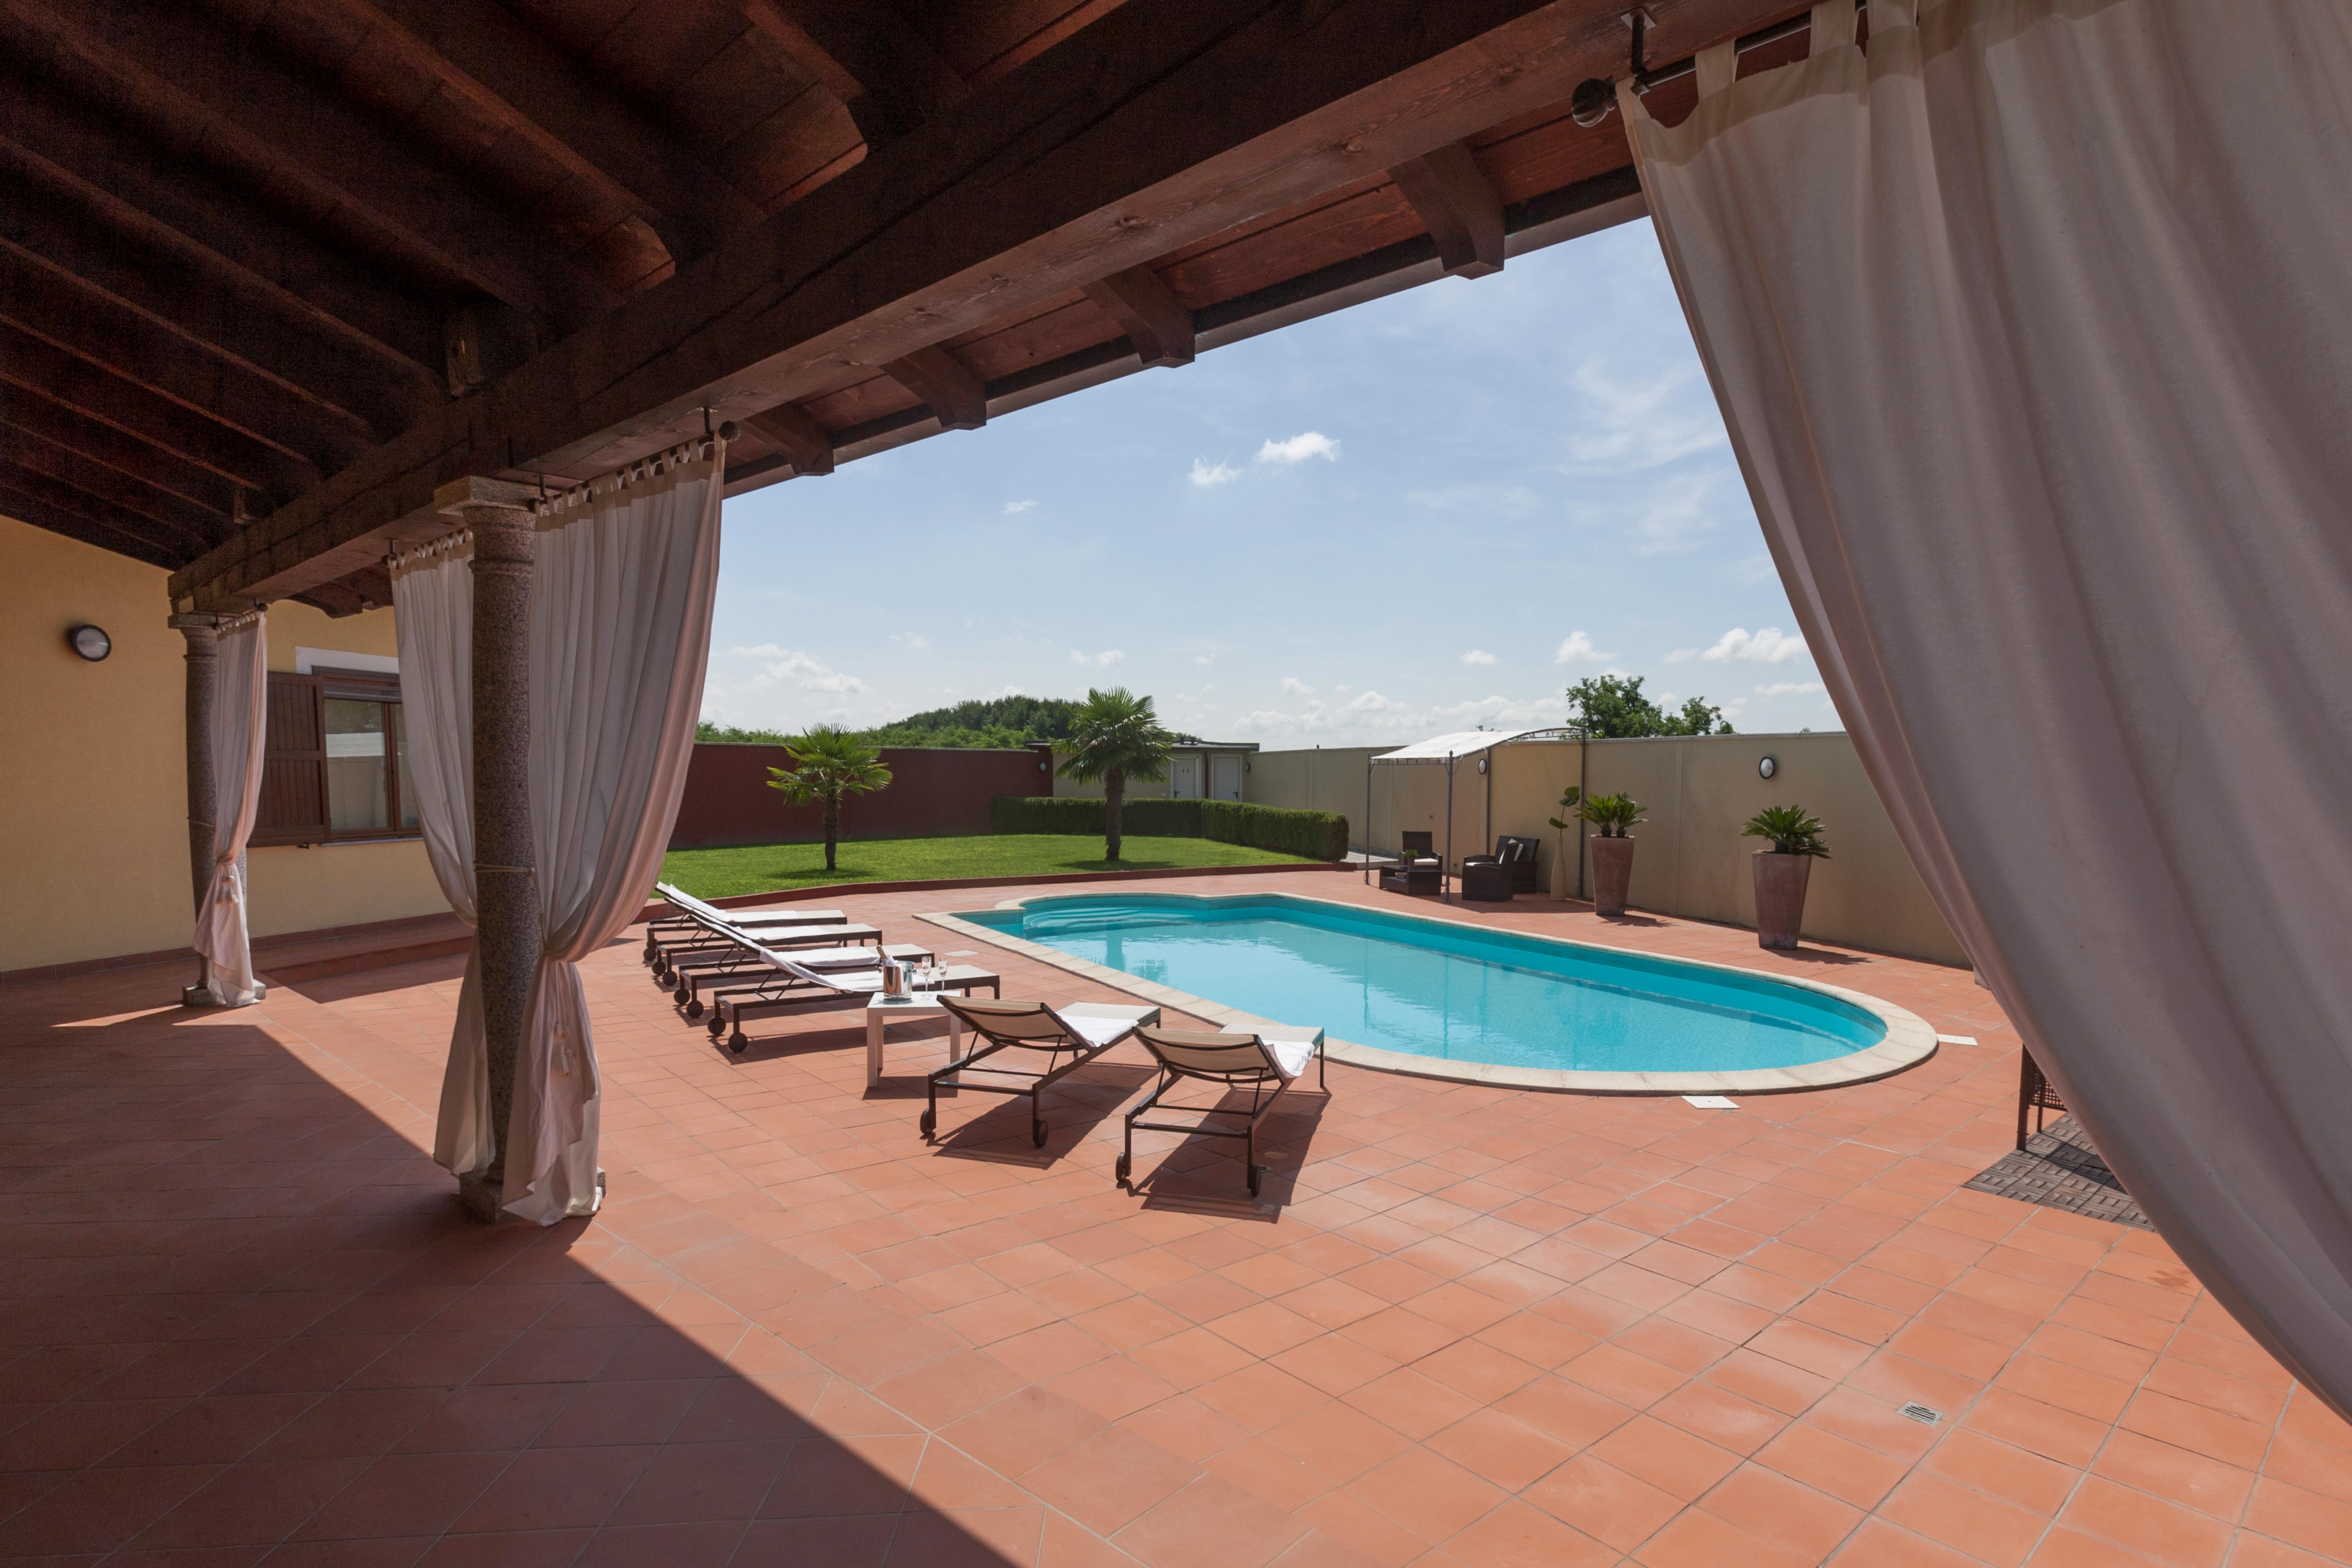 Ferienhaus Villa Cometa - Lebende Mode - (2599033), Casaleggio Novara, Novara, Piemont, Italien, Bild 6